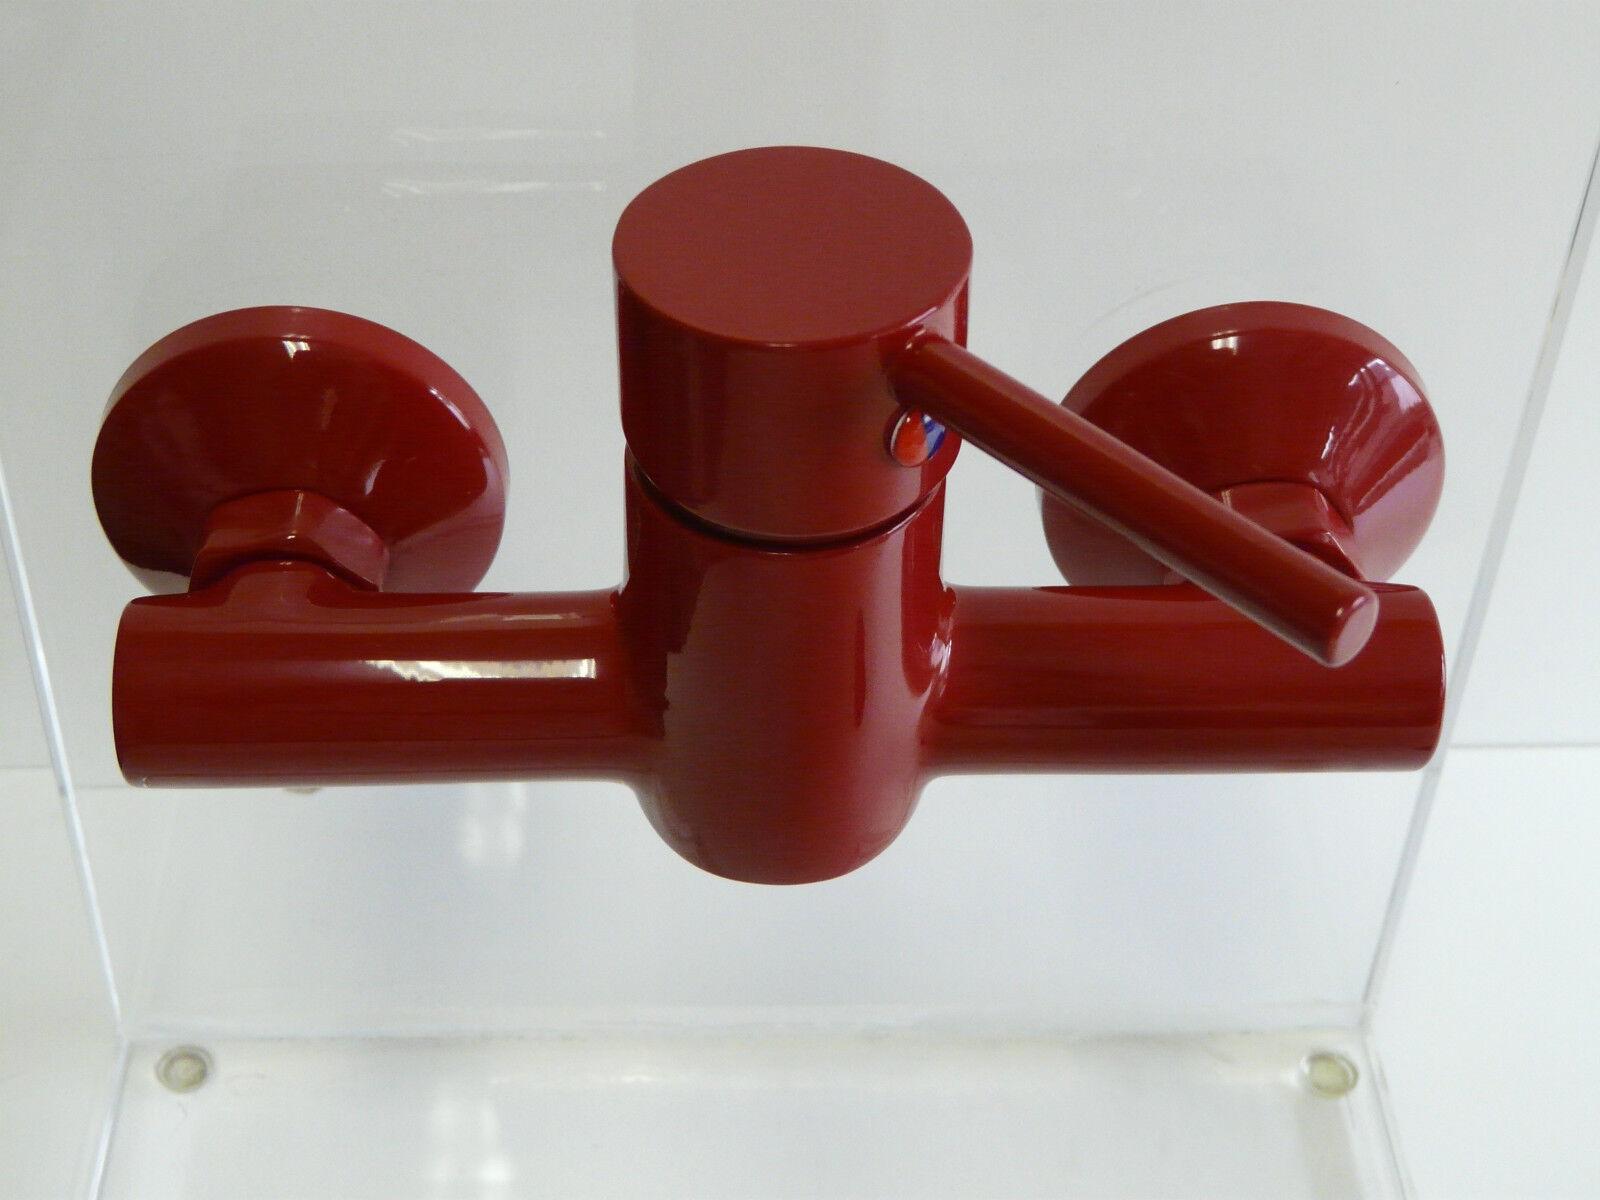 Grifería de ducha rojo ( RAL 3003 ), Grifería ducha, Grifo de ducha,  Laurana